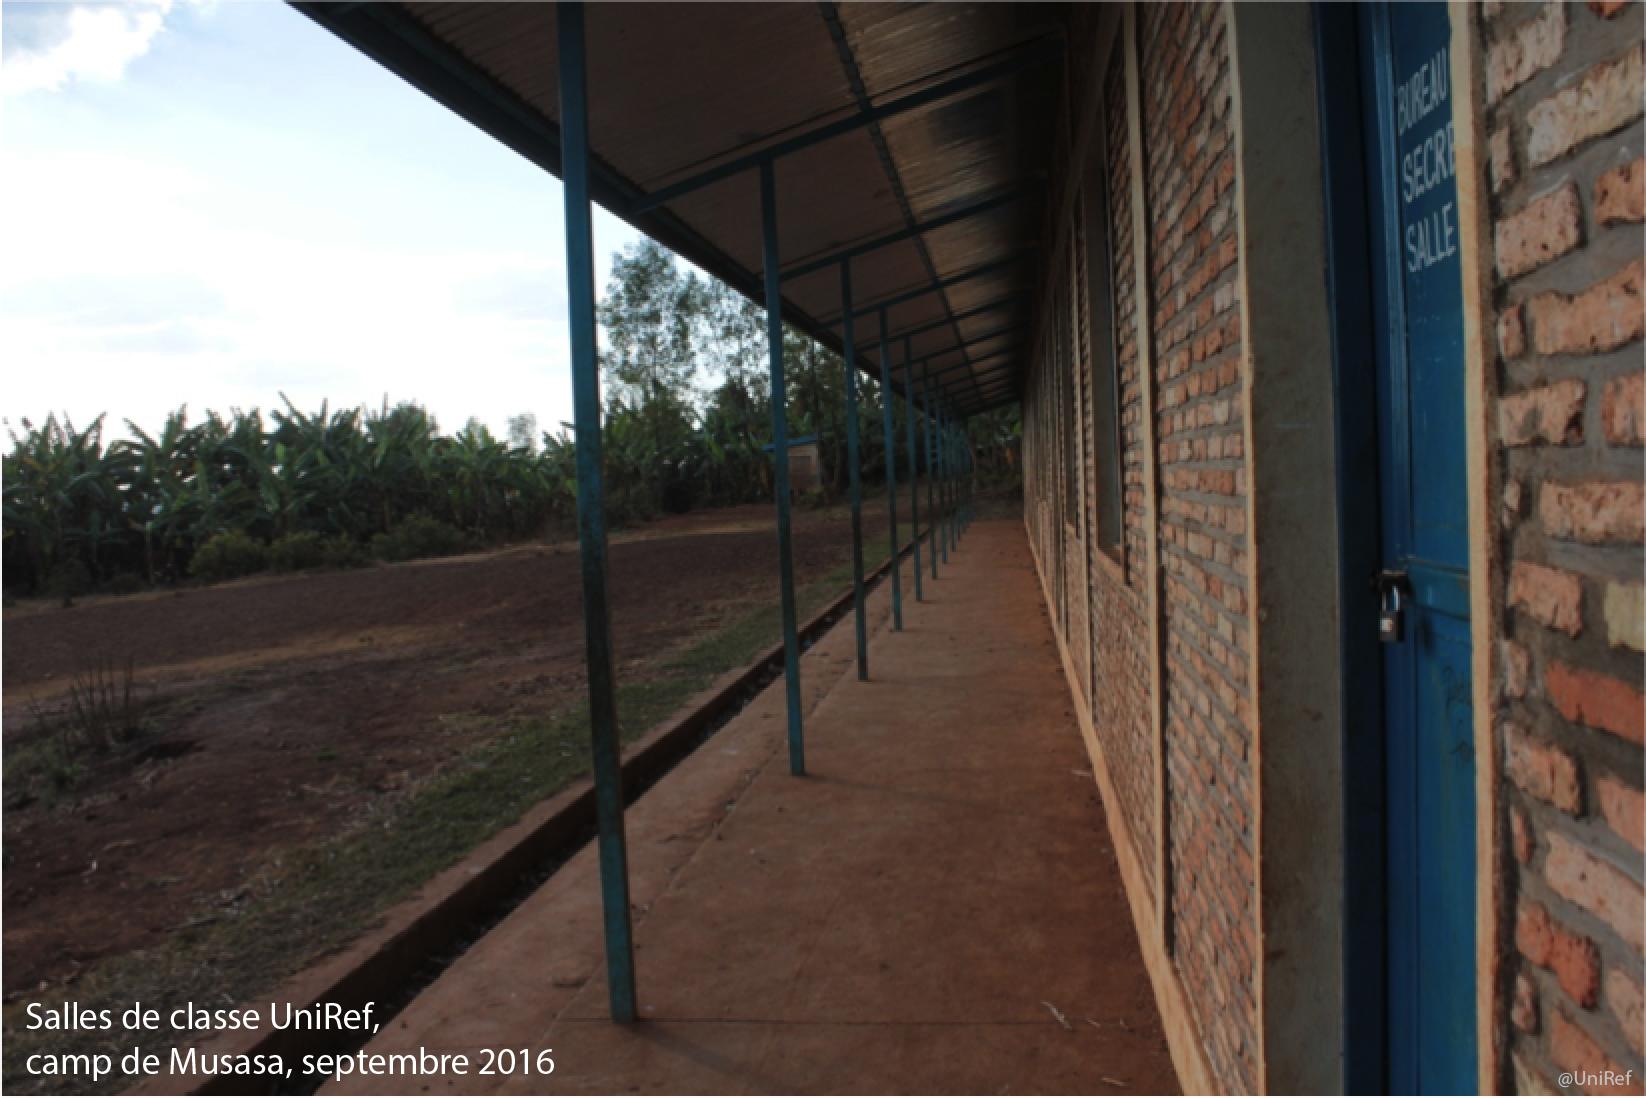 Salles de classe UniRef, camps de Musasa, septembre 2016